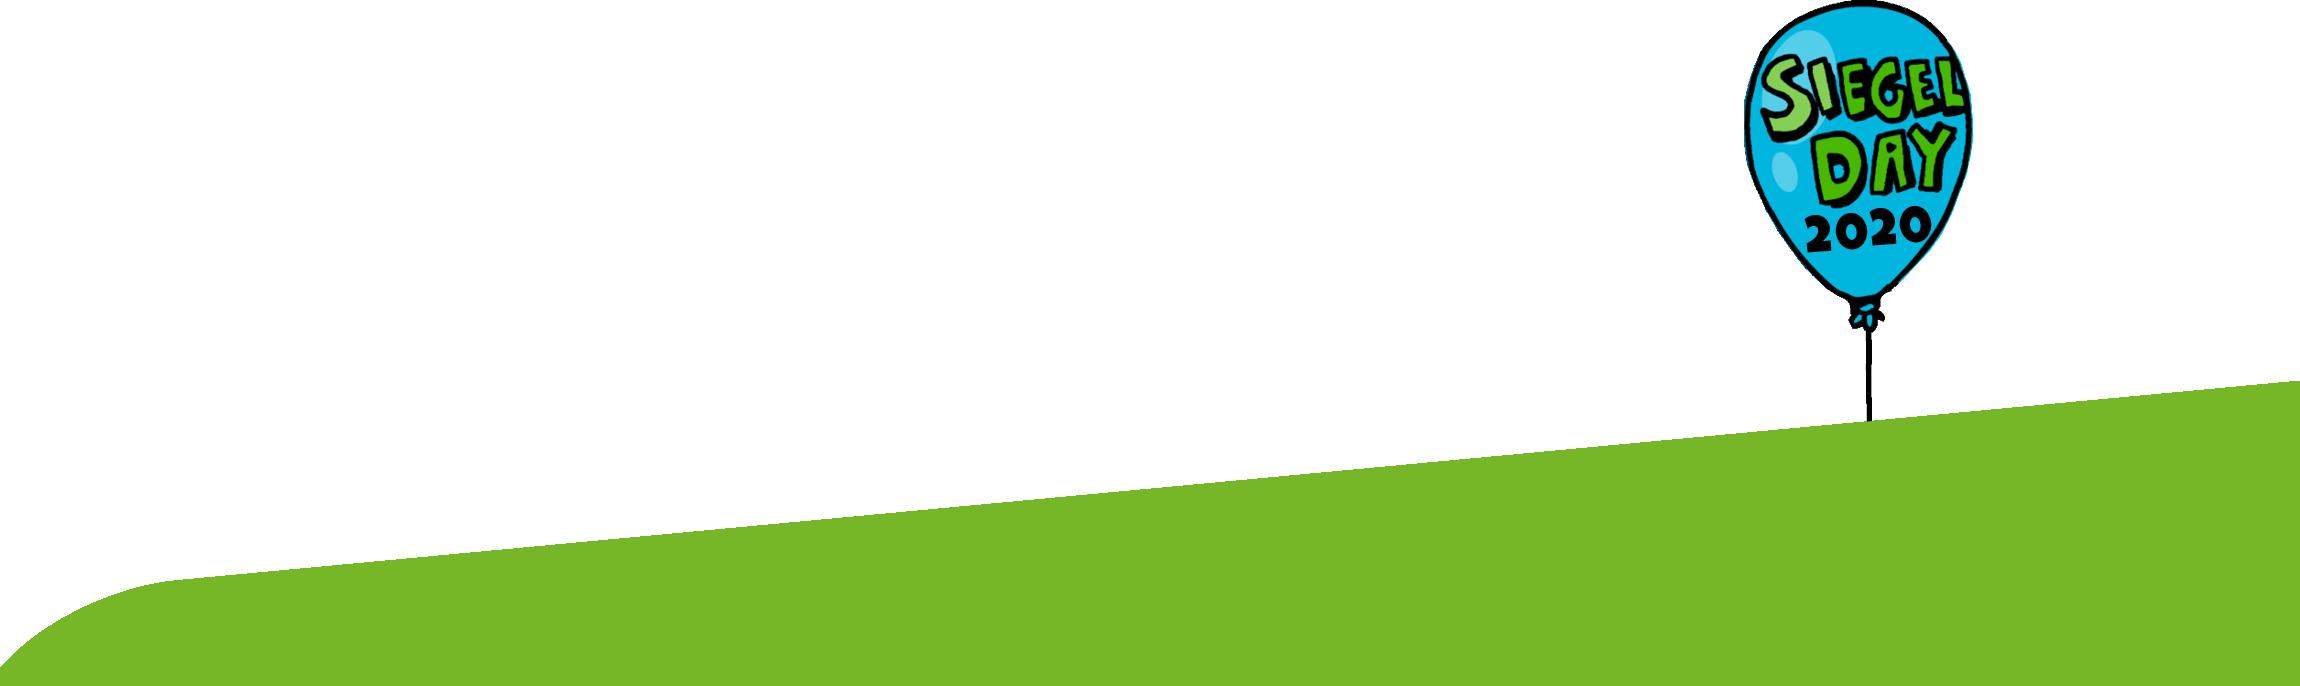 Netzwerk Berufswahlsiegel Siegelday Kopf Ballon Events 2020